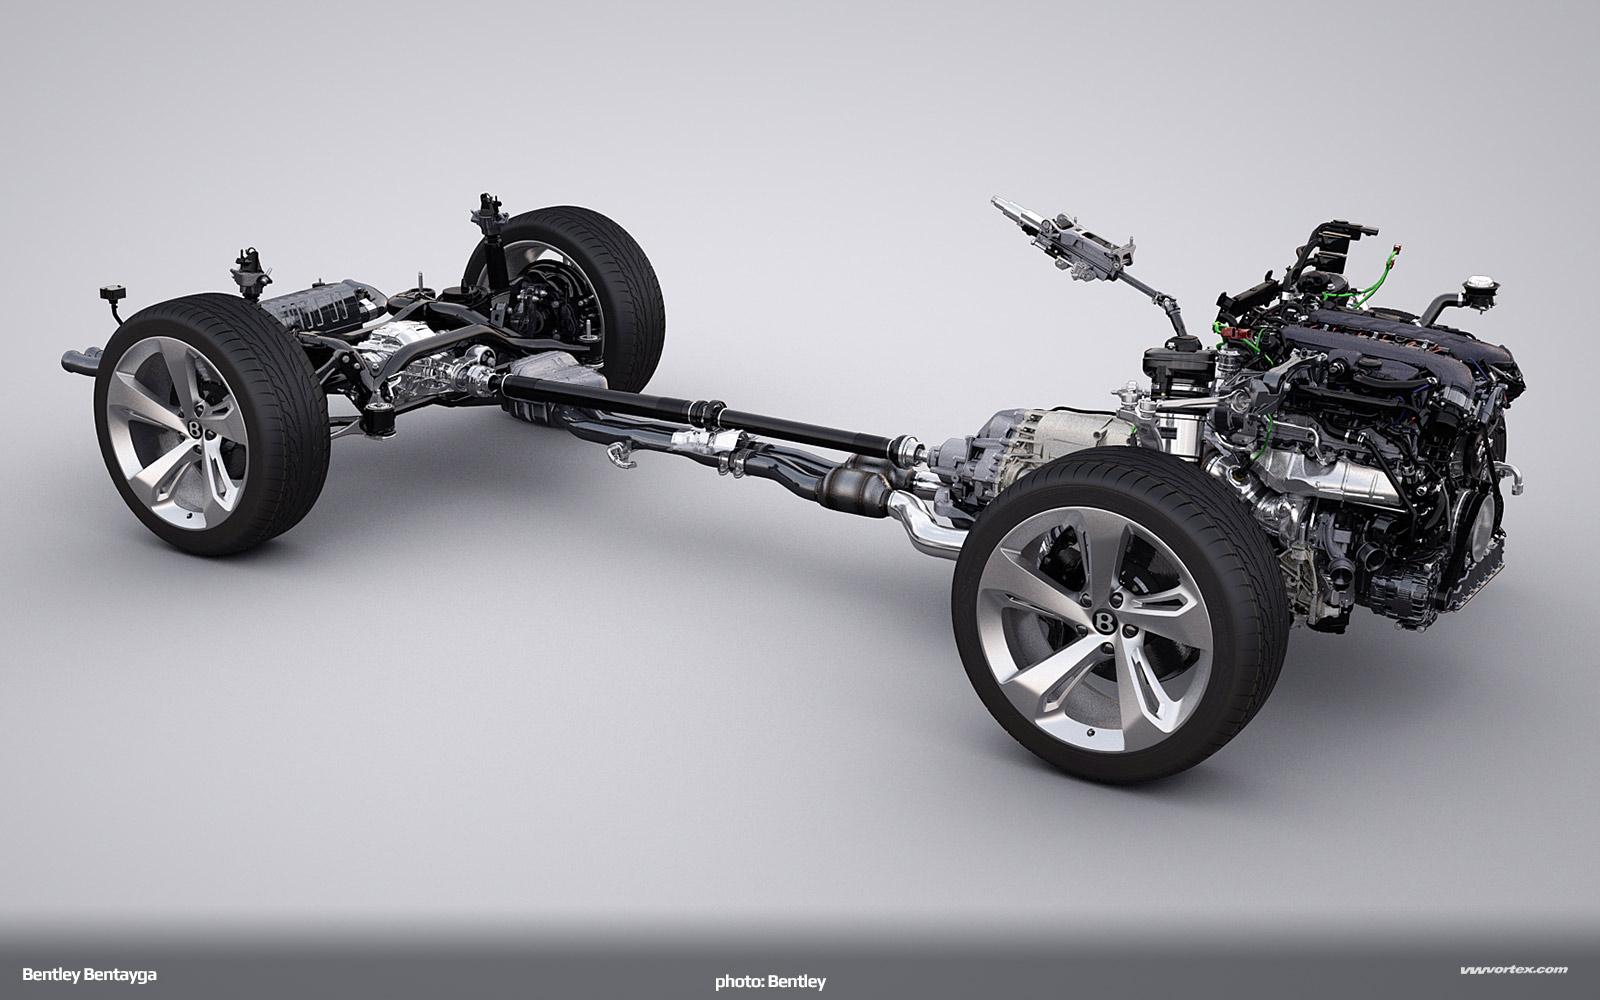 Bentley-Bentayga-SUV-crossover-2016-456